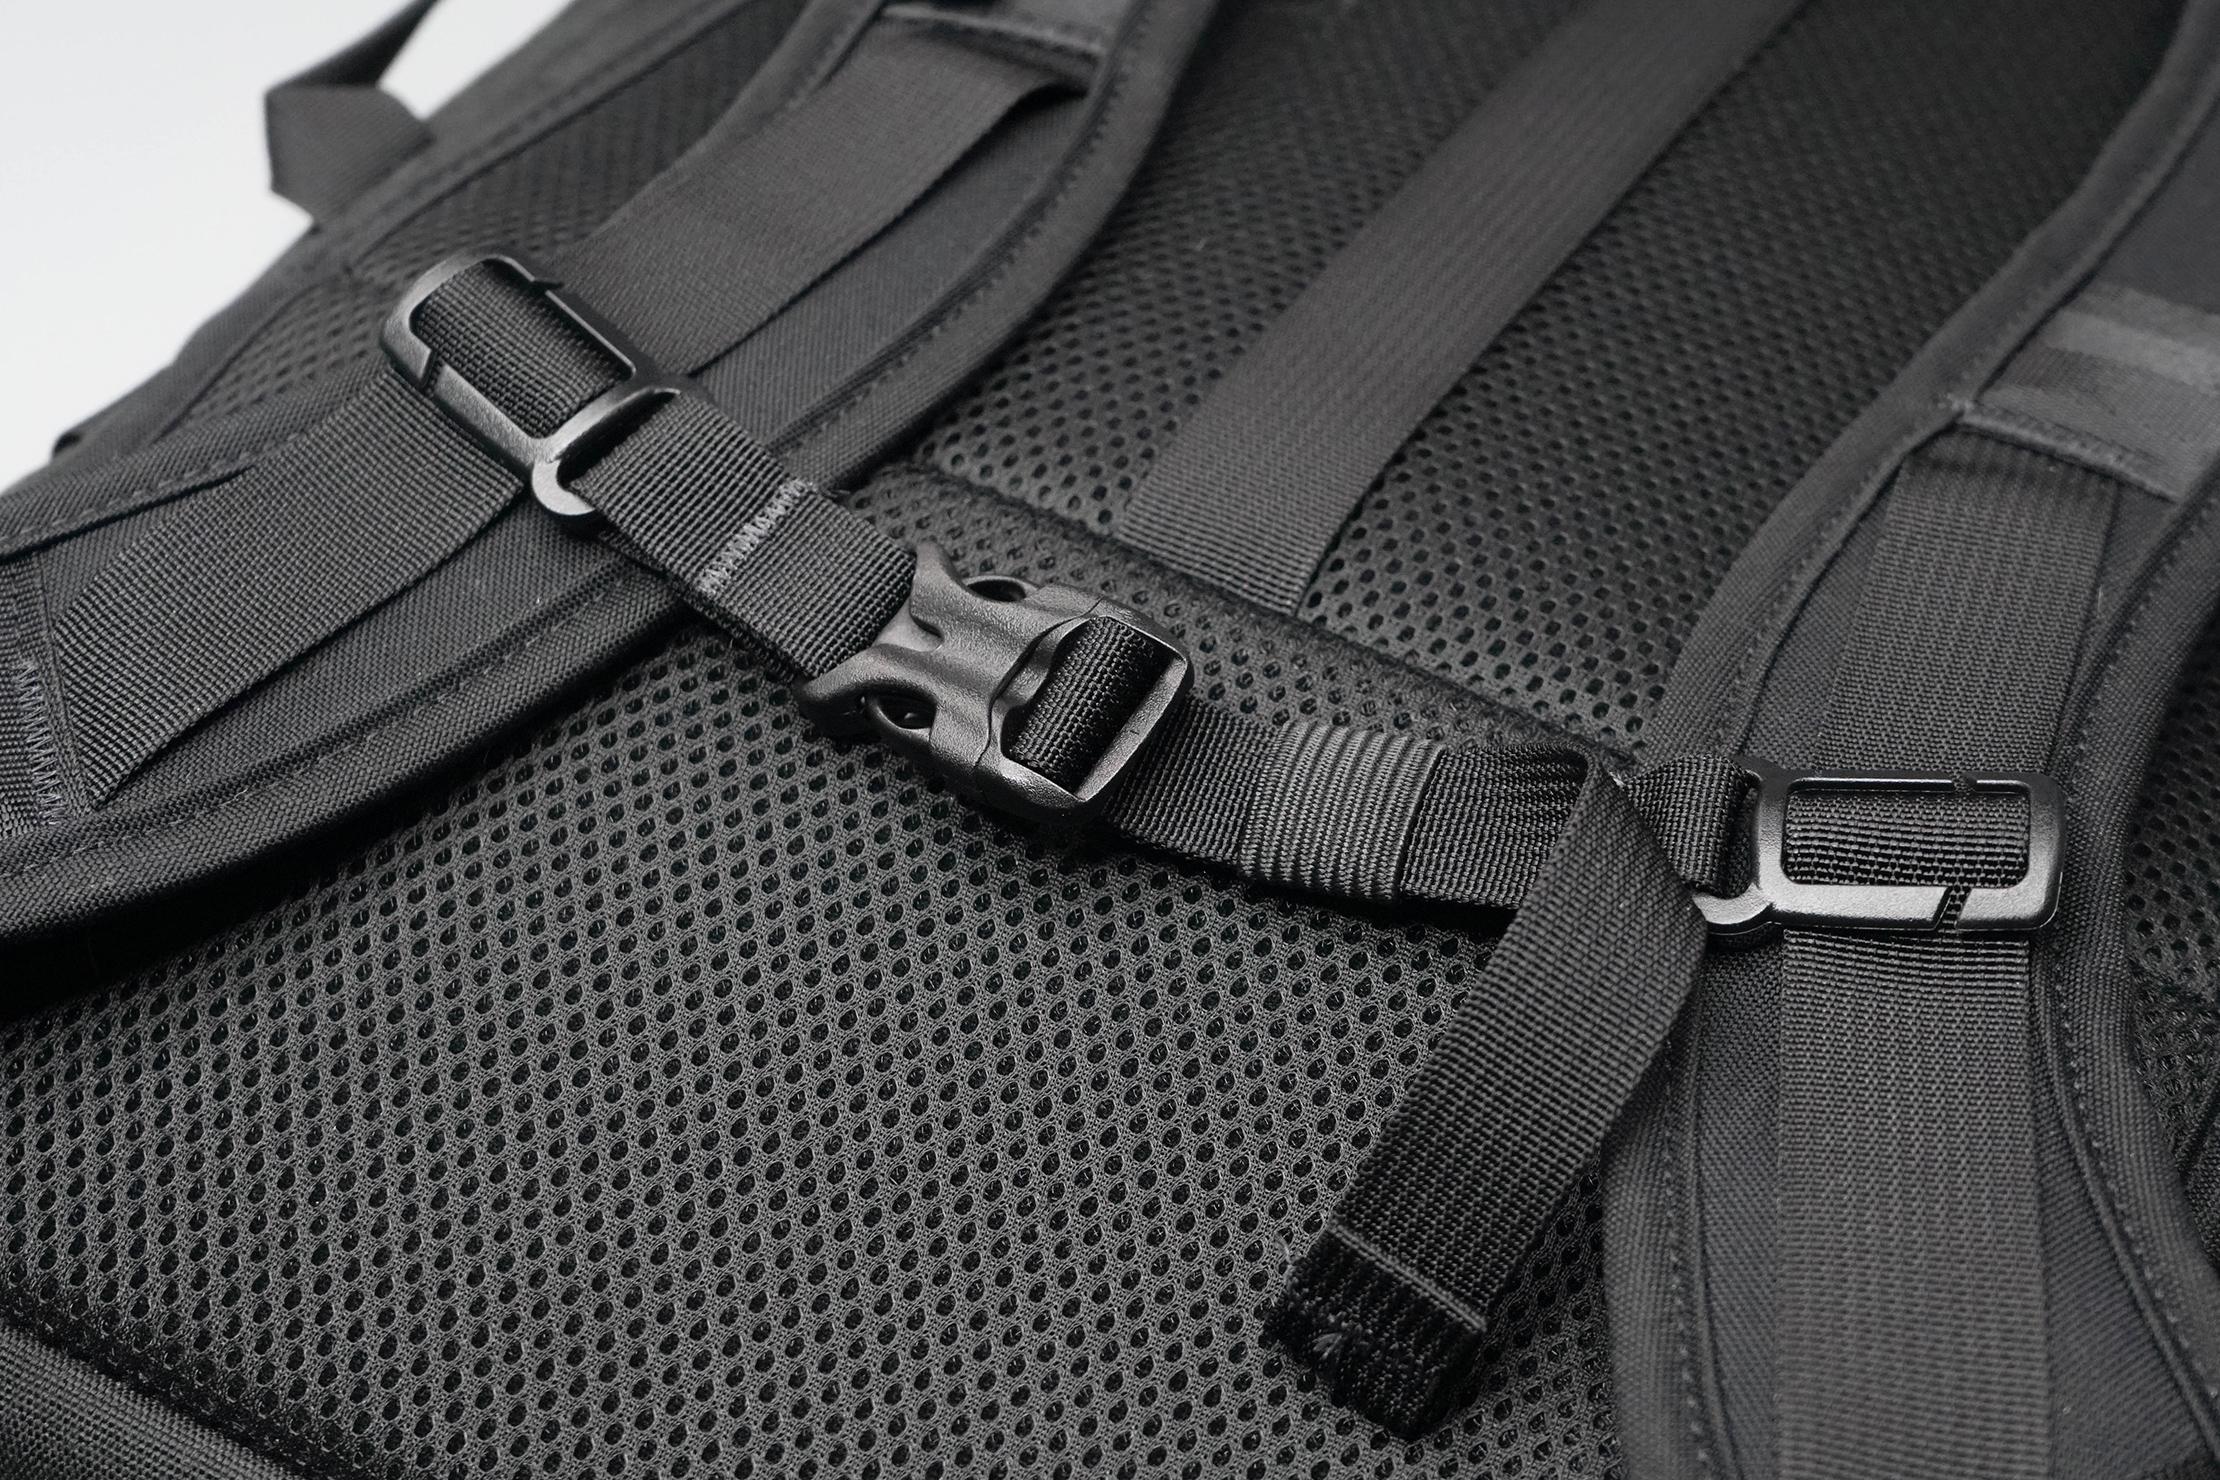 North St. Bags Weekender Backpack Sternum Strap